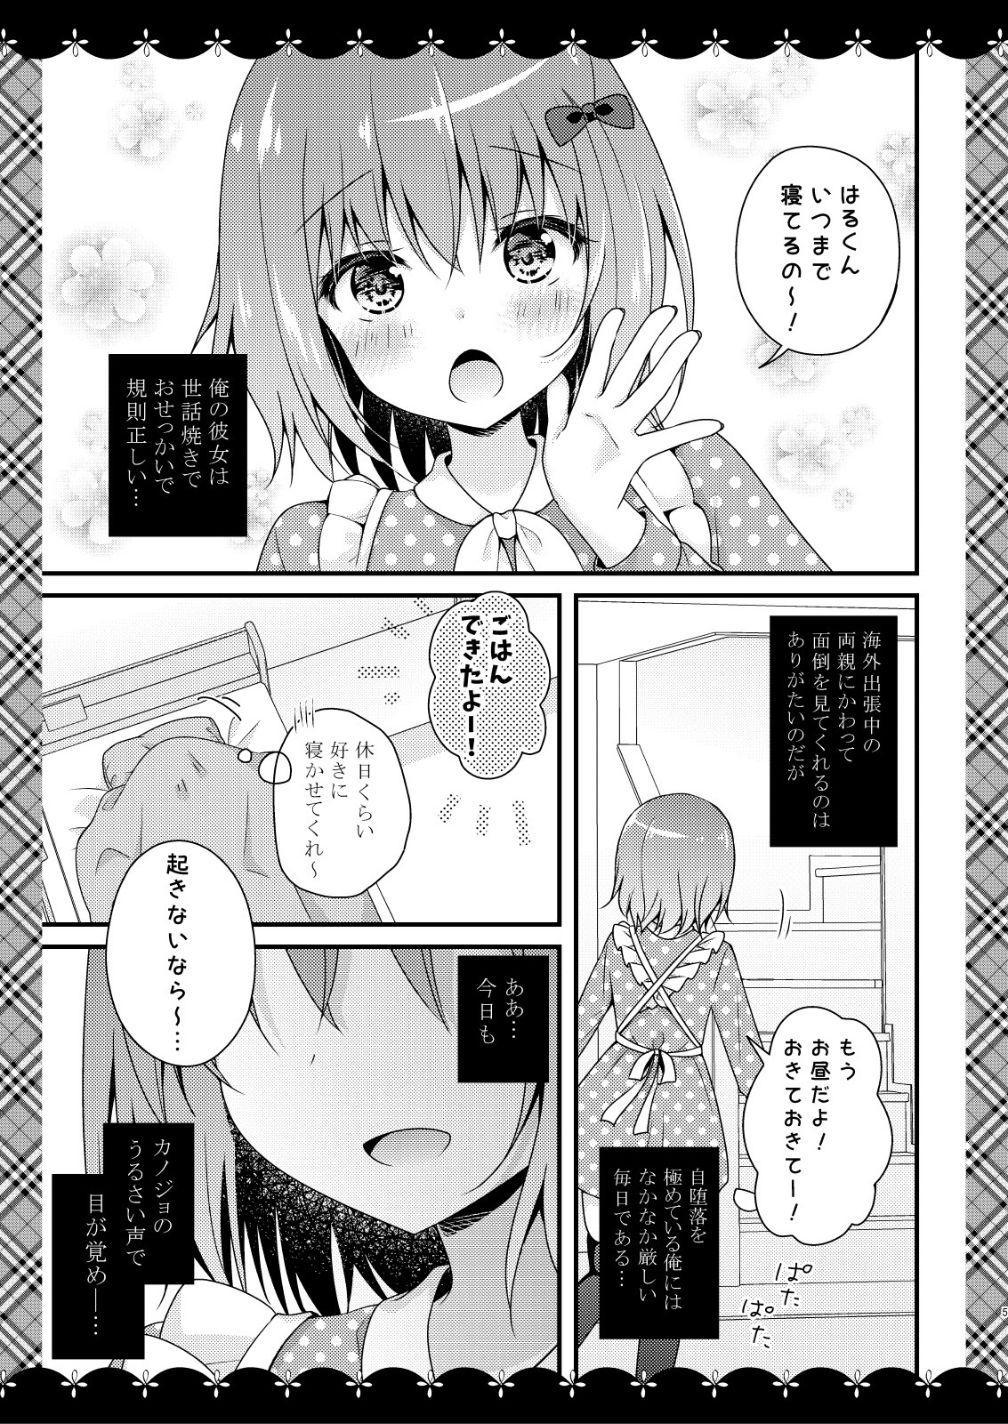 Sewayaki Kanojo to Yume Asobi 3